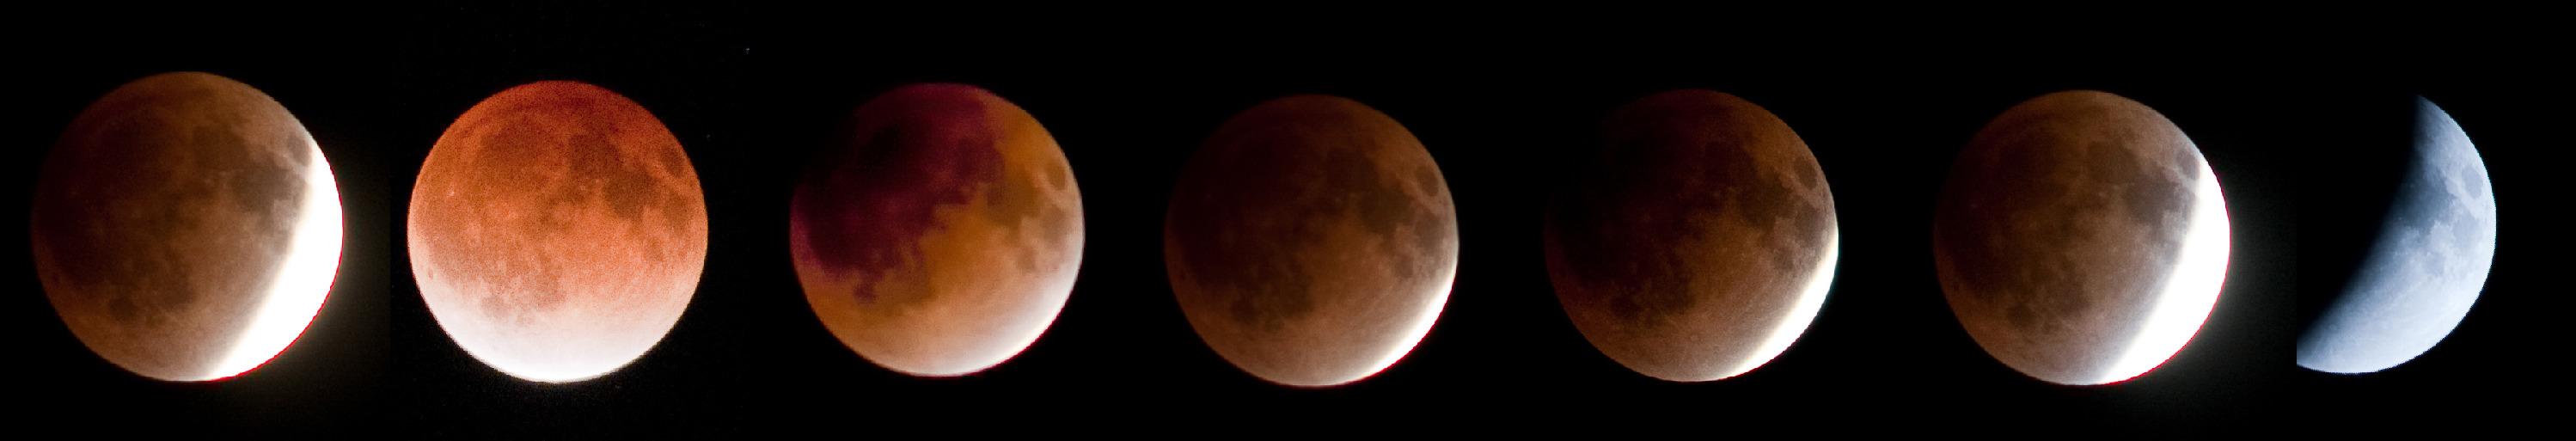 Eclipse - banière